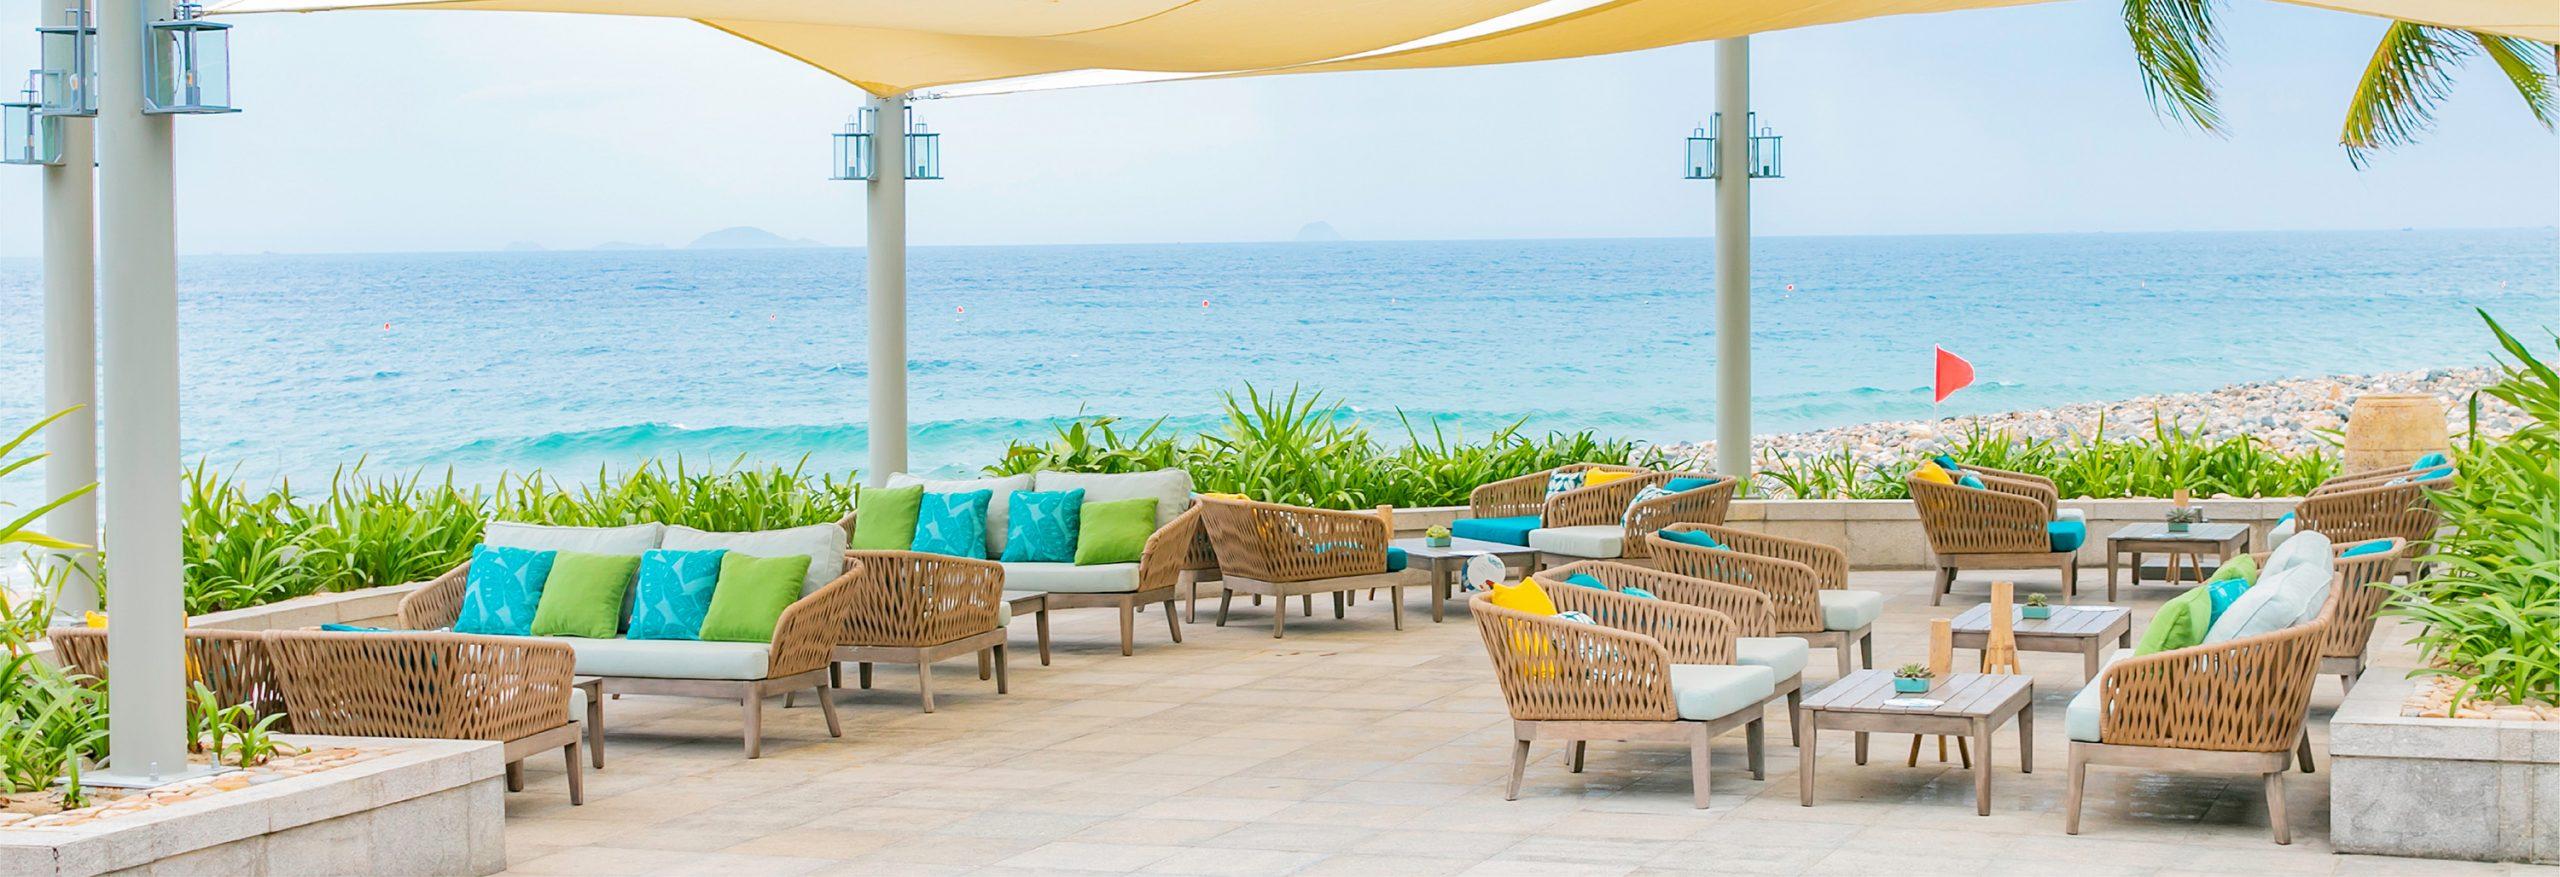 ATC Furniture cung cấp nội thất, ngoại thất resort nhà hàng